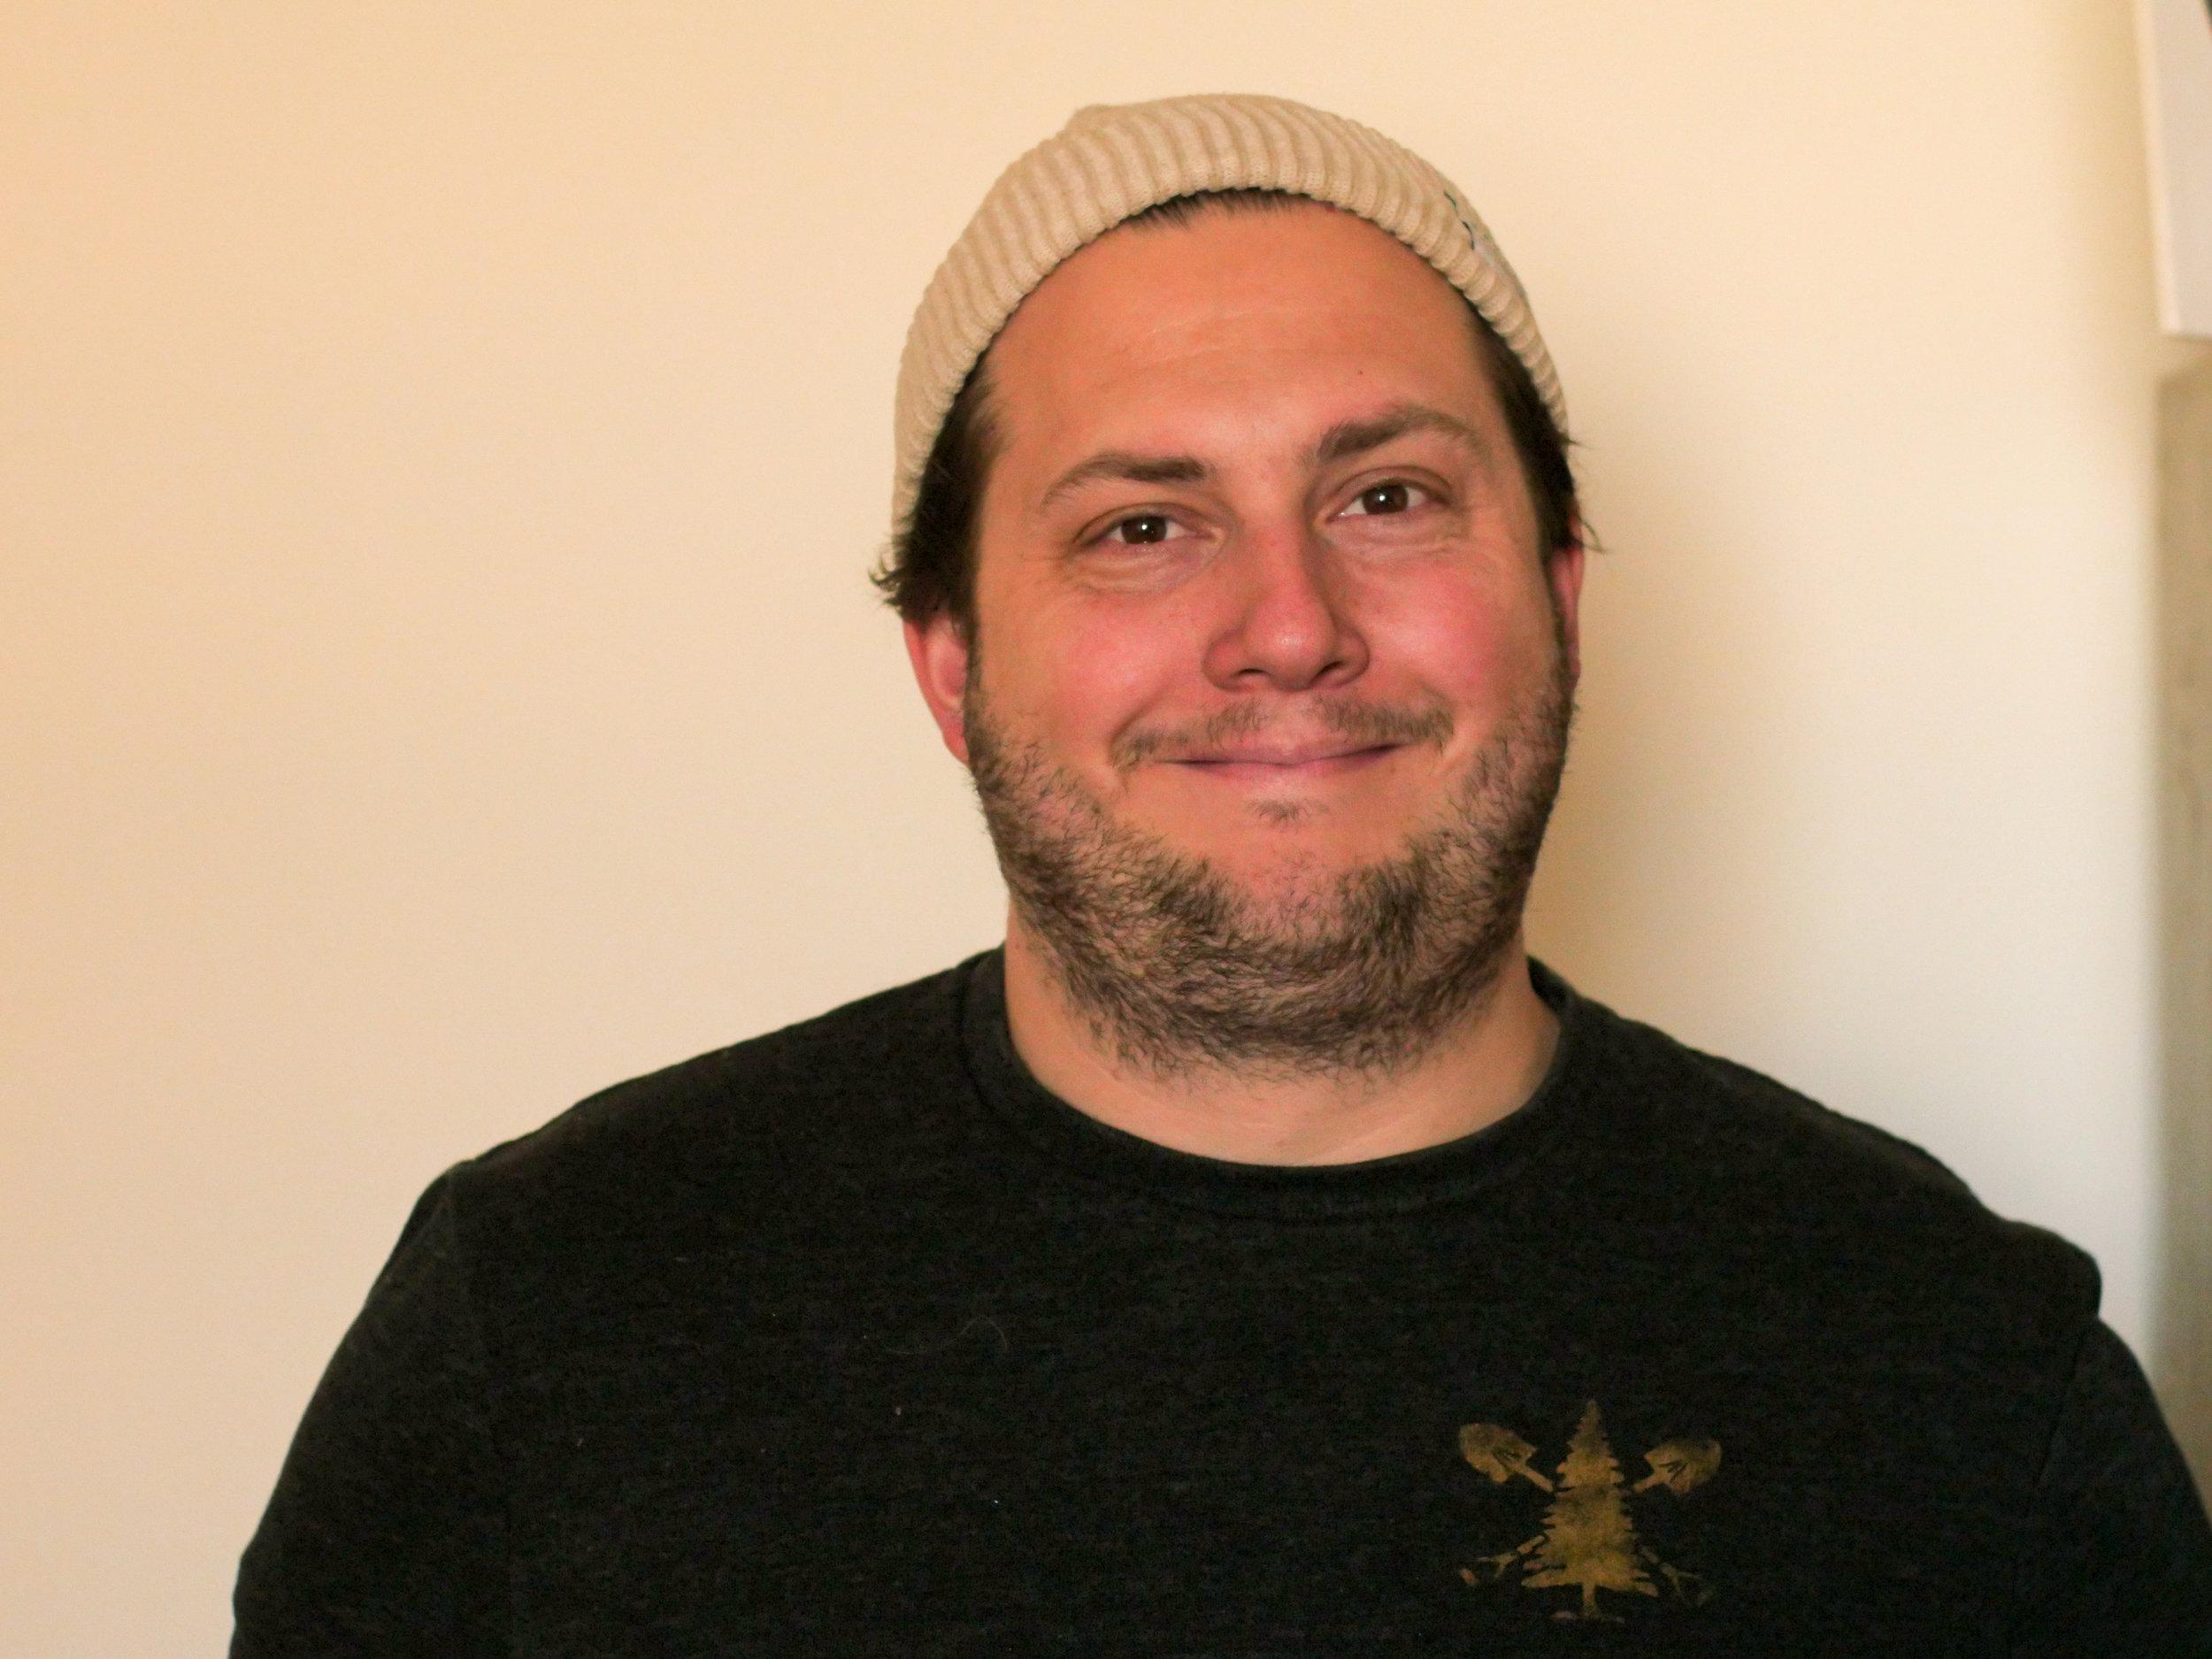 Philip Mikulec